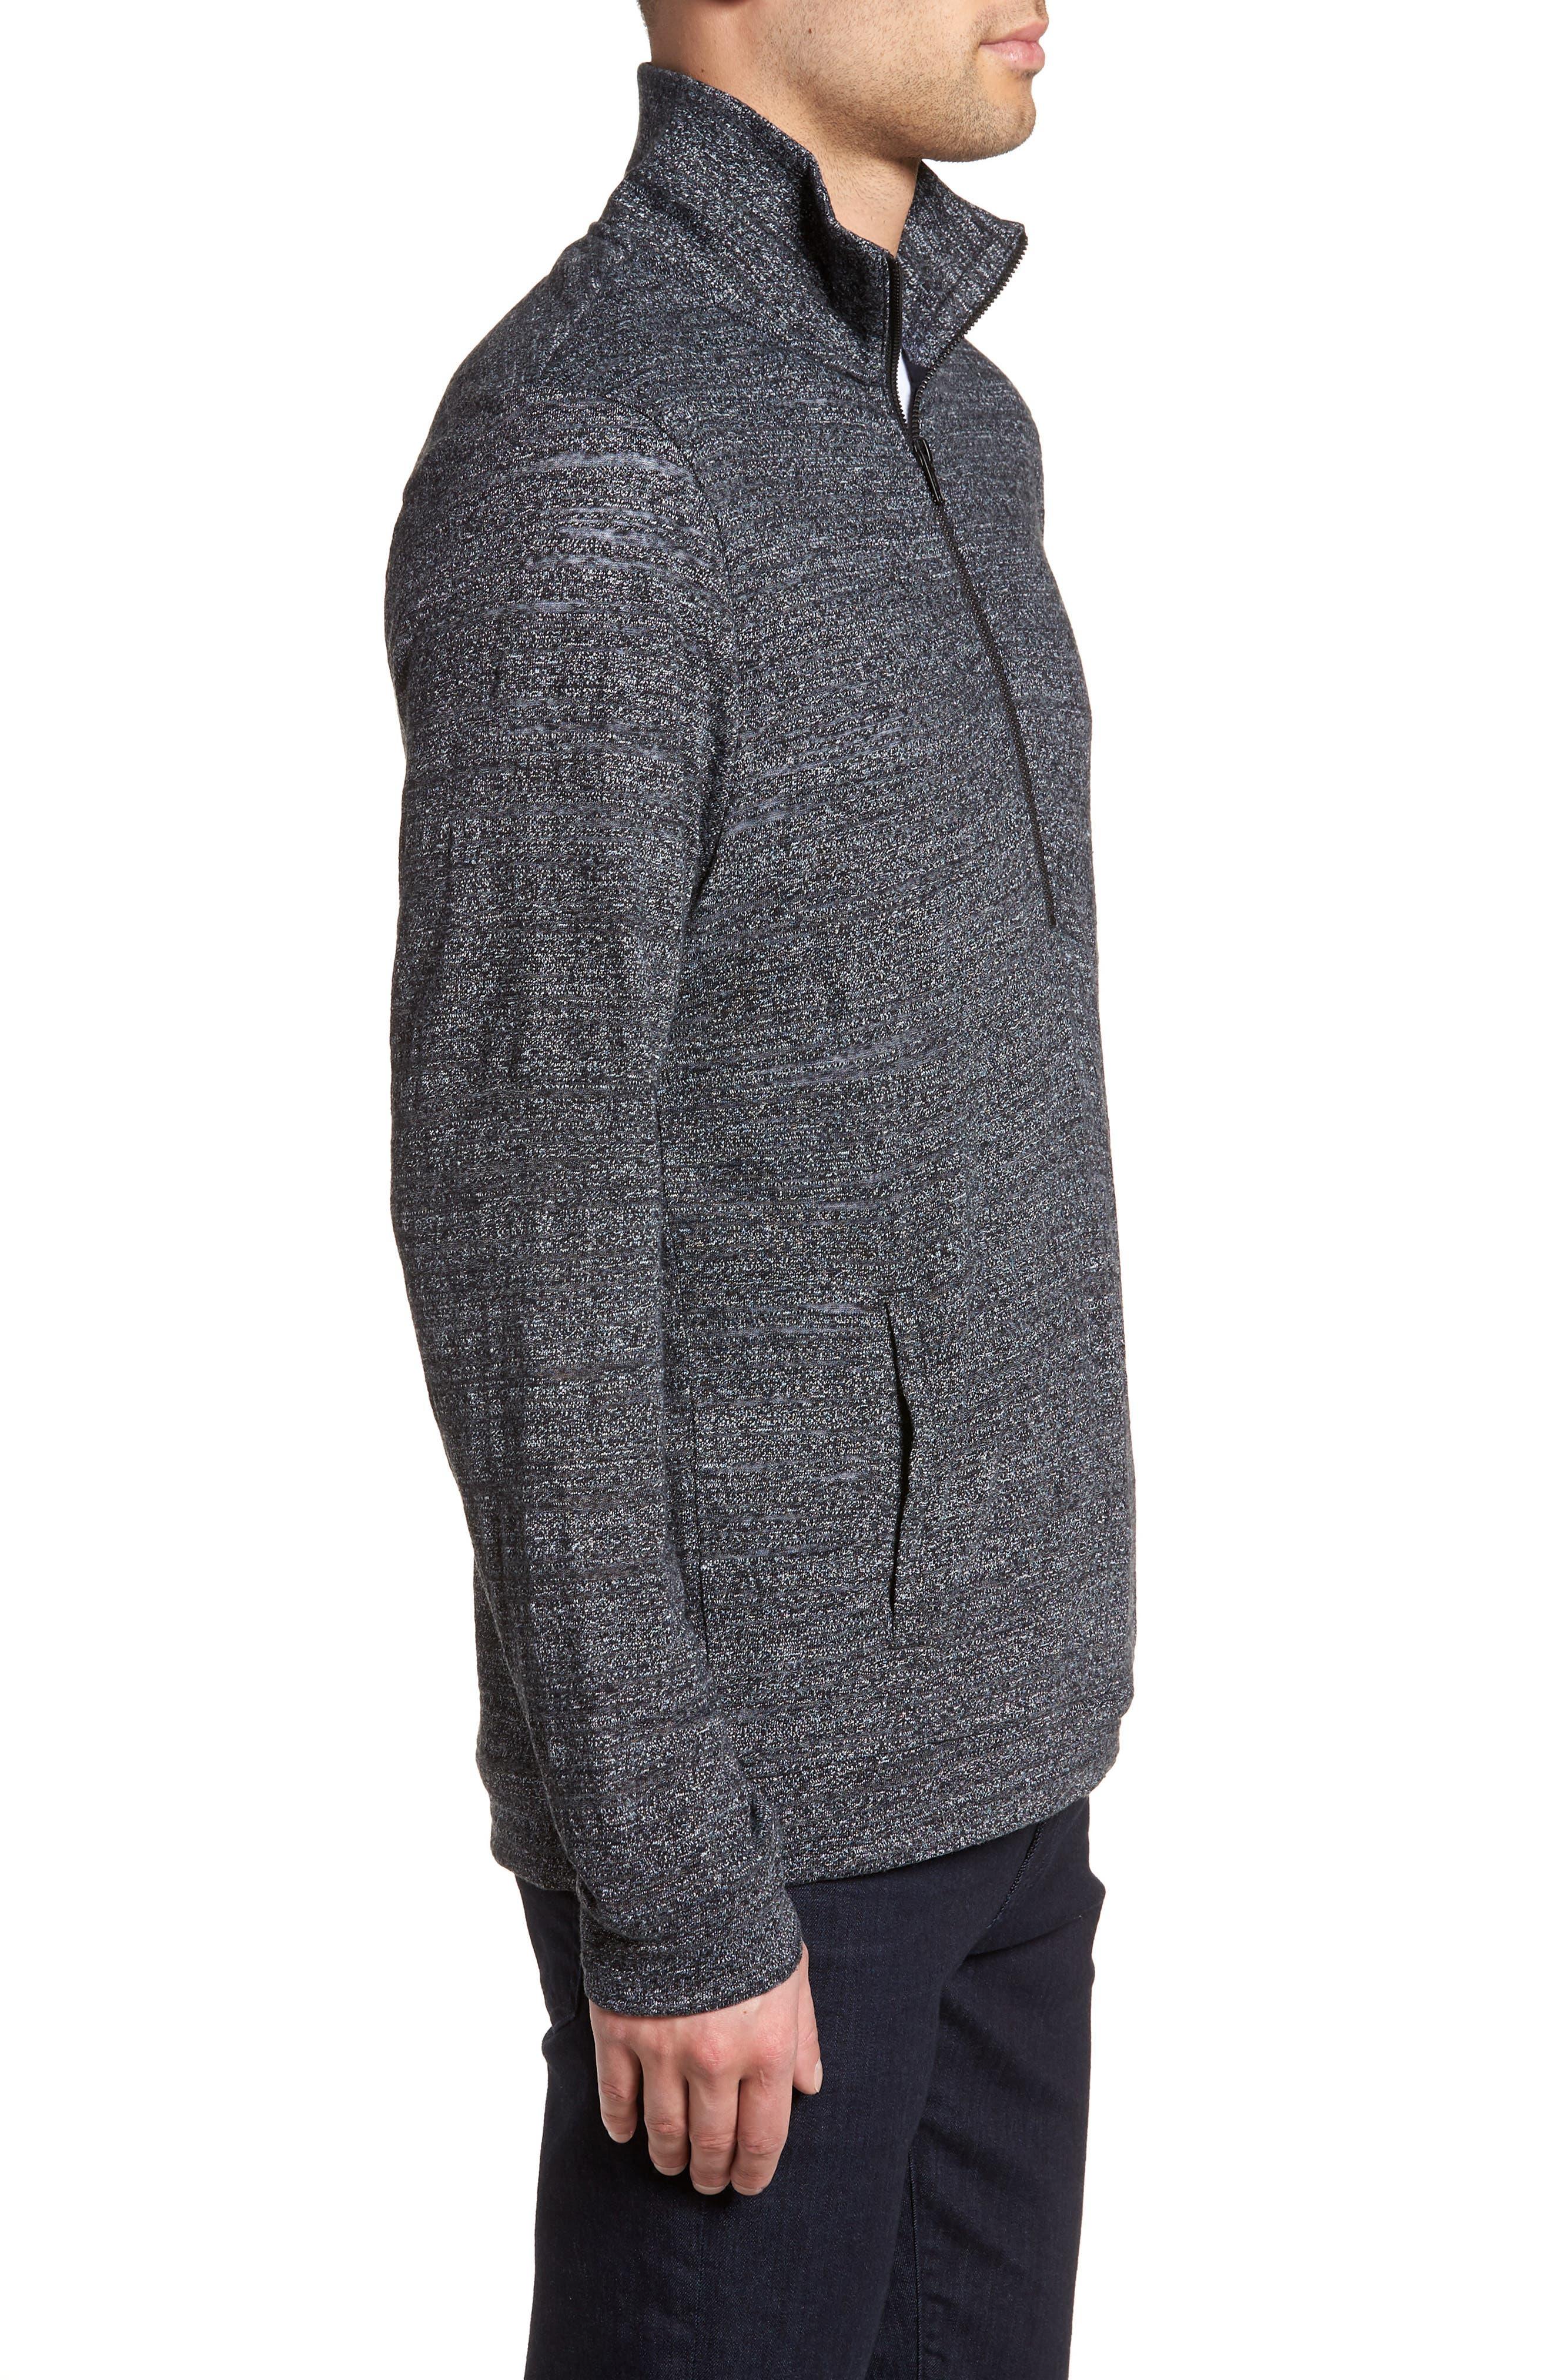 CALIBRATE,                             Textured Zip Fleece Sweatshirt,                             Alternate thumbnail 3, color,                             001